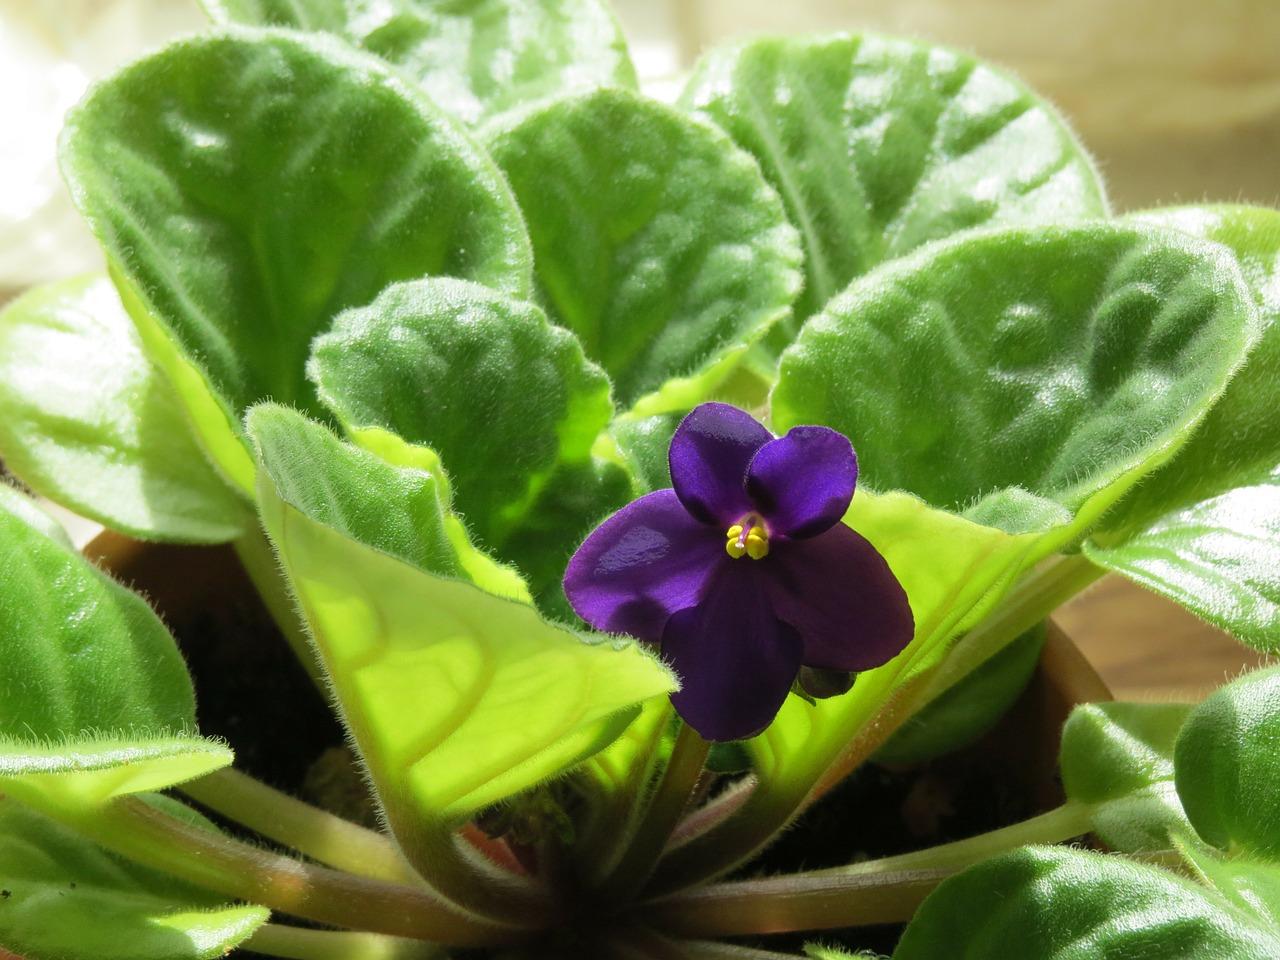 kako-posaditi-uzgojiti-i-njegovati-cvijet-africke-ljubice-saintpaulia-kako-hr